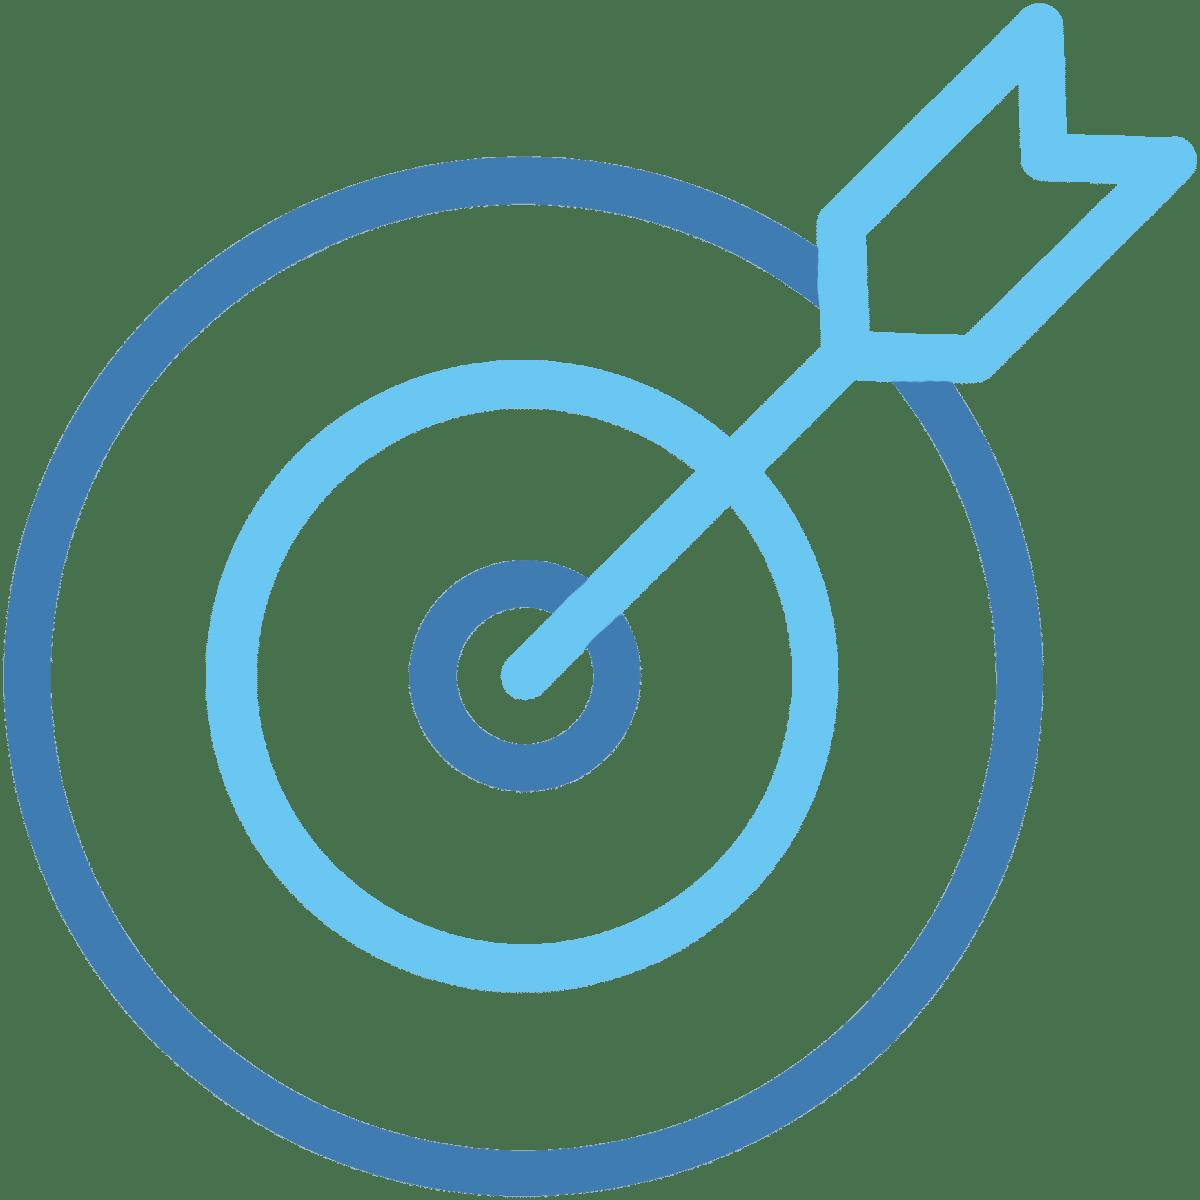 Enterprise recommendations